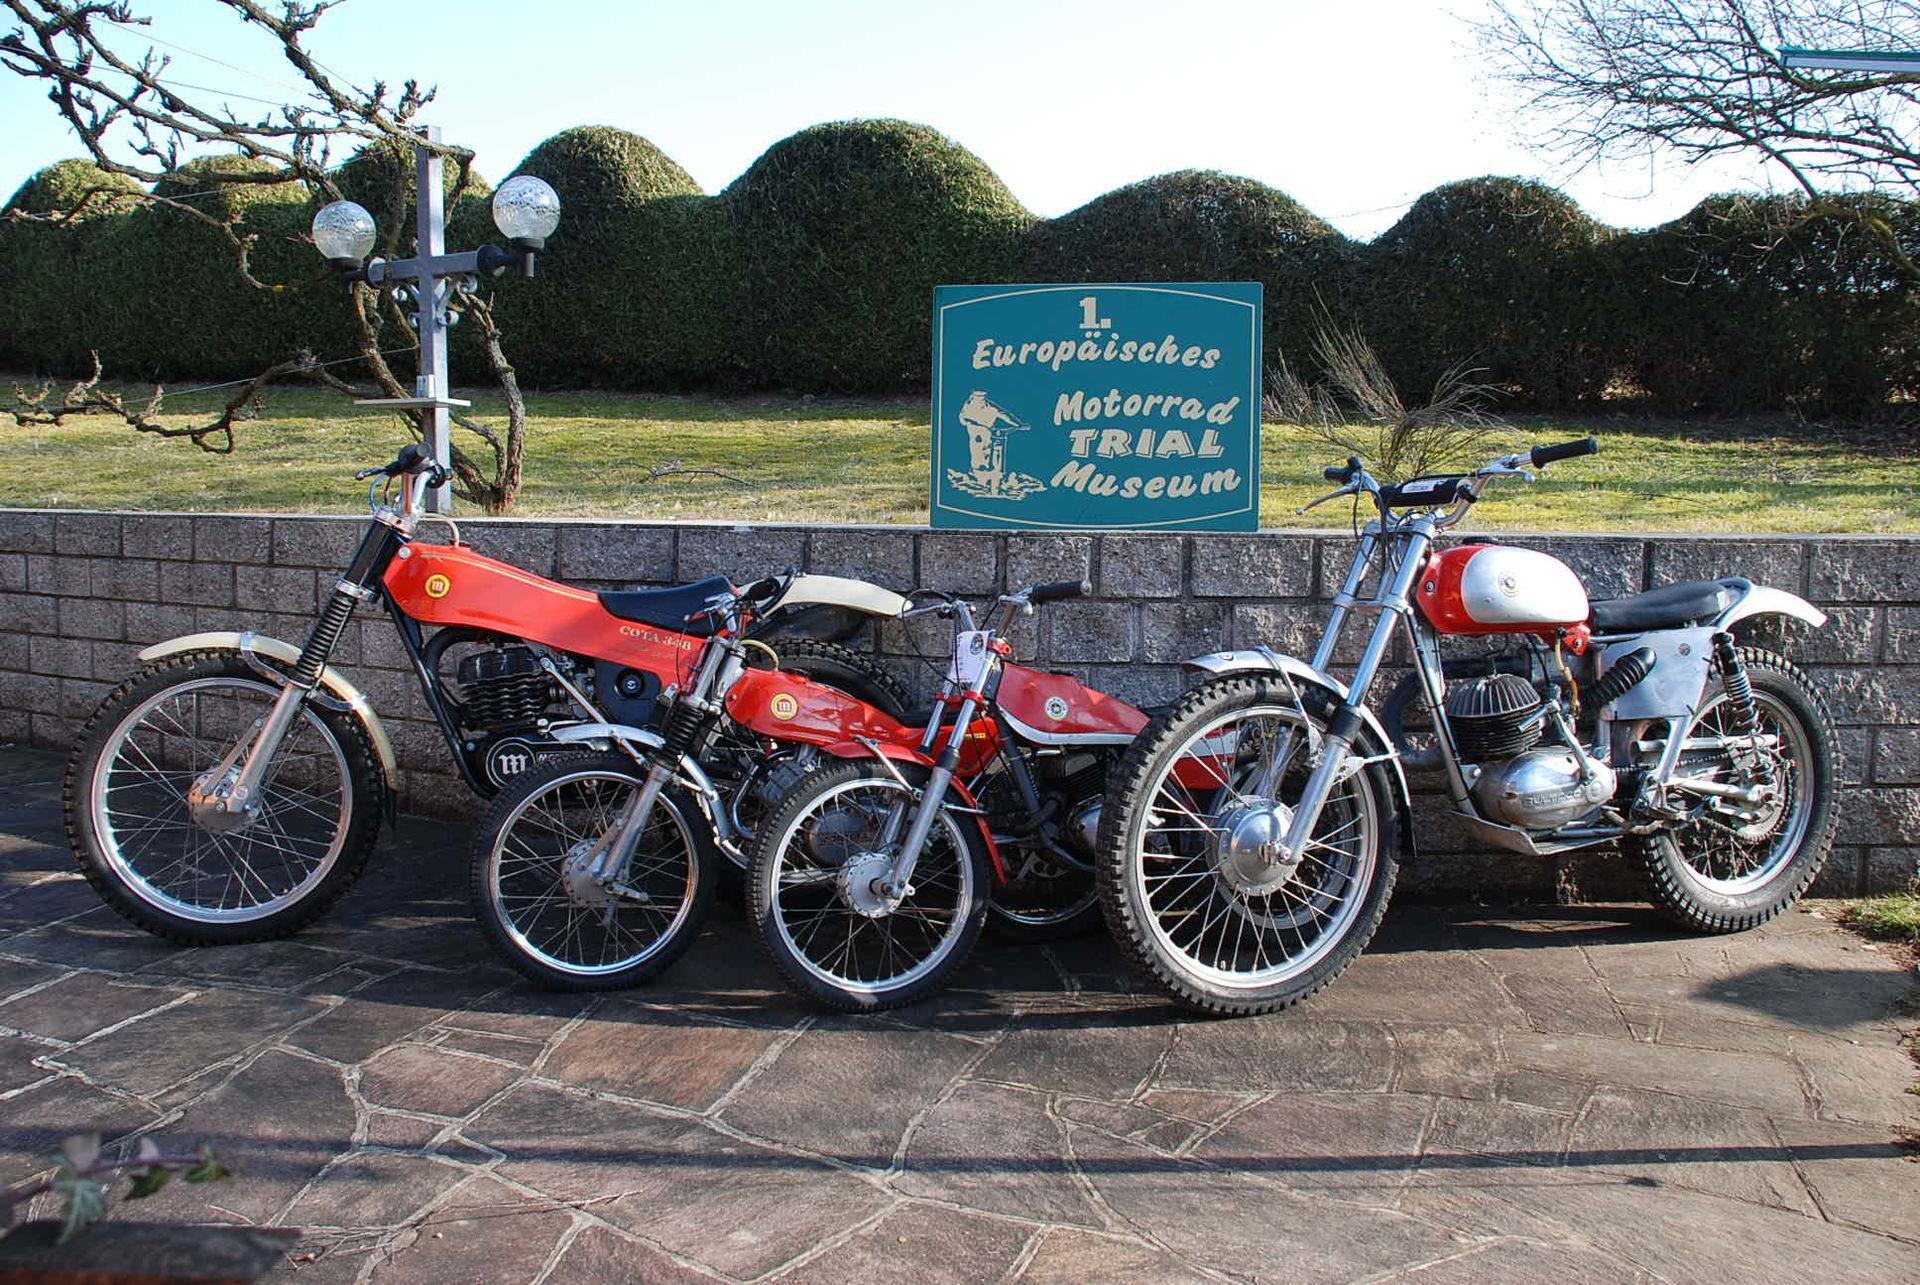 erstes europ isches motorrad trial museum suche museen in o verbund ober sterreichischer. Black Bedroom Furniture Sets. Home Design Ideas